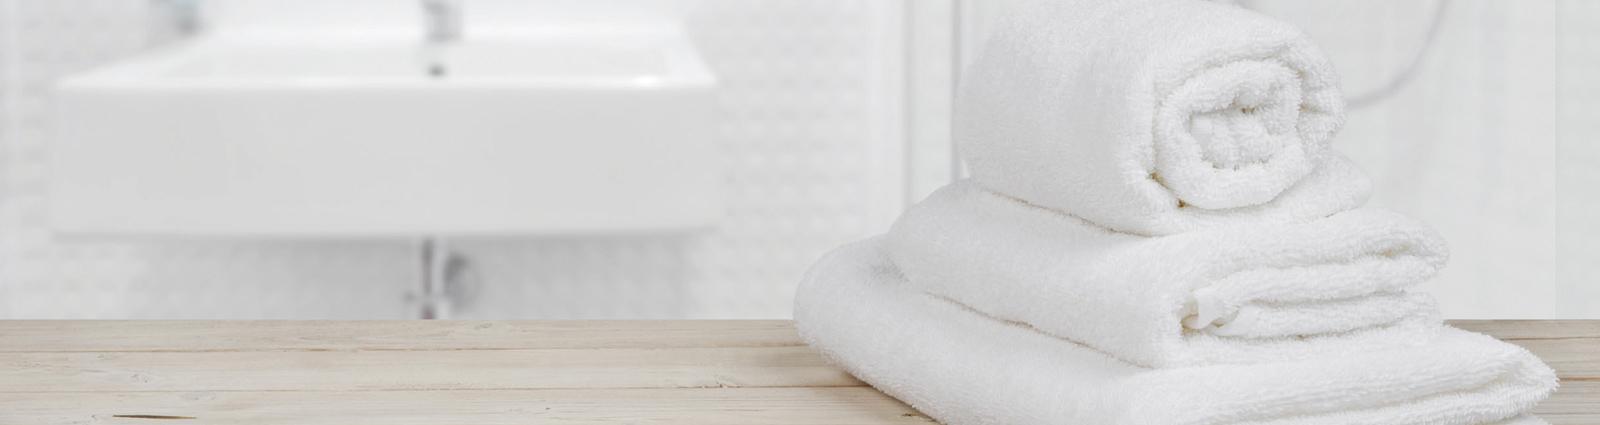 Retrouvez un large choix de linge de toilette éponge de qualité professionnelle pour votre hôtel ou votre SPA : carrés invités, serviettes, draps de bain, tapis de bain et tapis de douche. HOTEL MEGASTORE équipe les salles de bain de vos chambres d'hôtel, SPA, centres de bien-être et sportif avec du linge éponge élégant, doux et très absorbant. De notre collection PALACE en passant par des collections simples ou double fils à notre collection NID D'ABEILLES, vous trouverez tous les types de grammages et liteaux désirés.